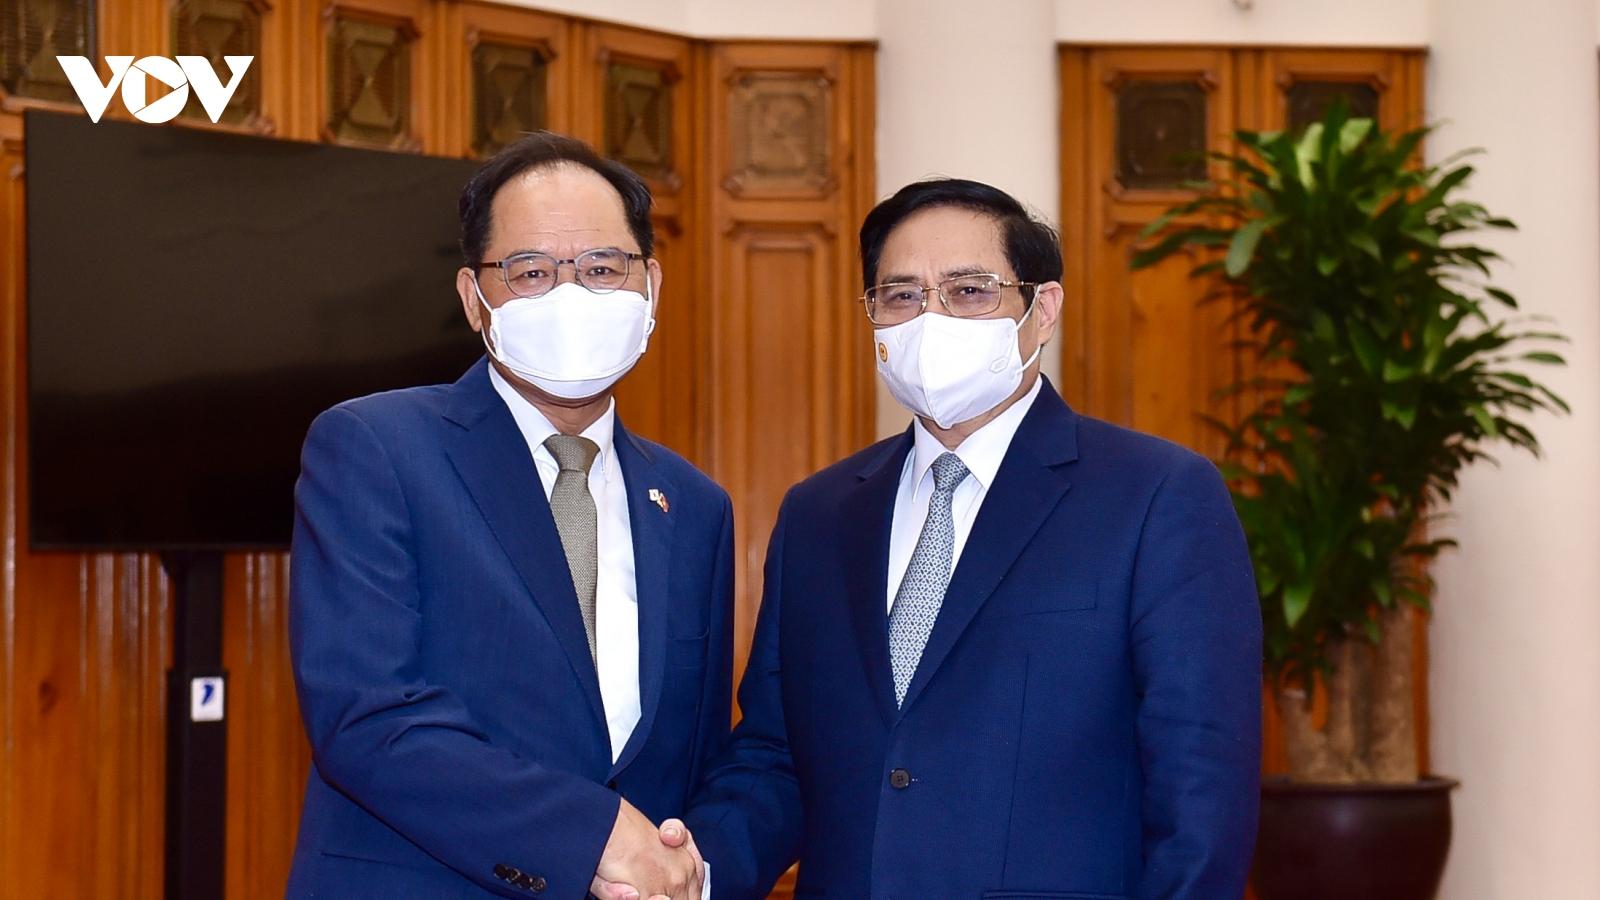 Thủ tướng đề nghị Hàn Quốc sớm bình thường hóa các hoạt động kinh tế với Việt Nam